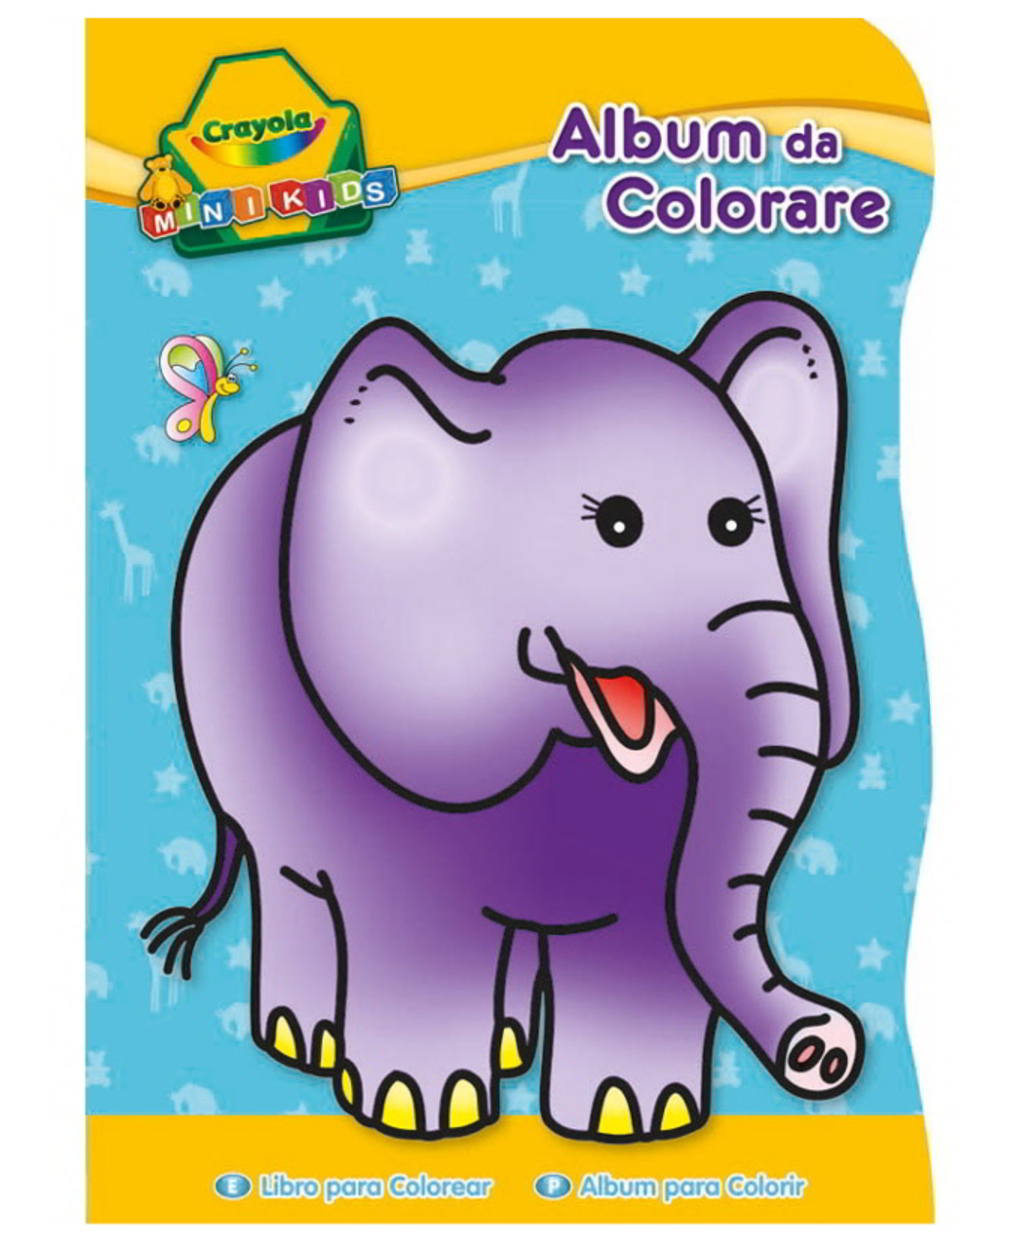 Crayola - album da colorare sagomati mini kids 3 soggetti - Crayola